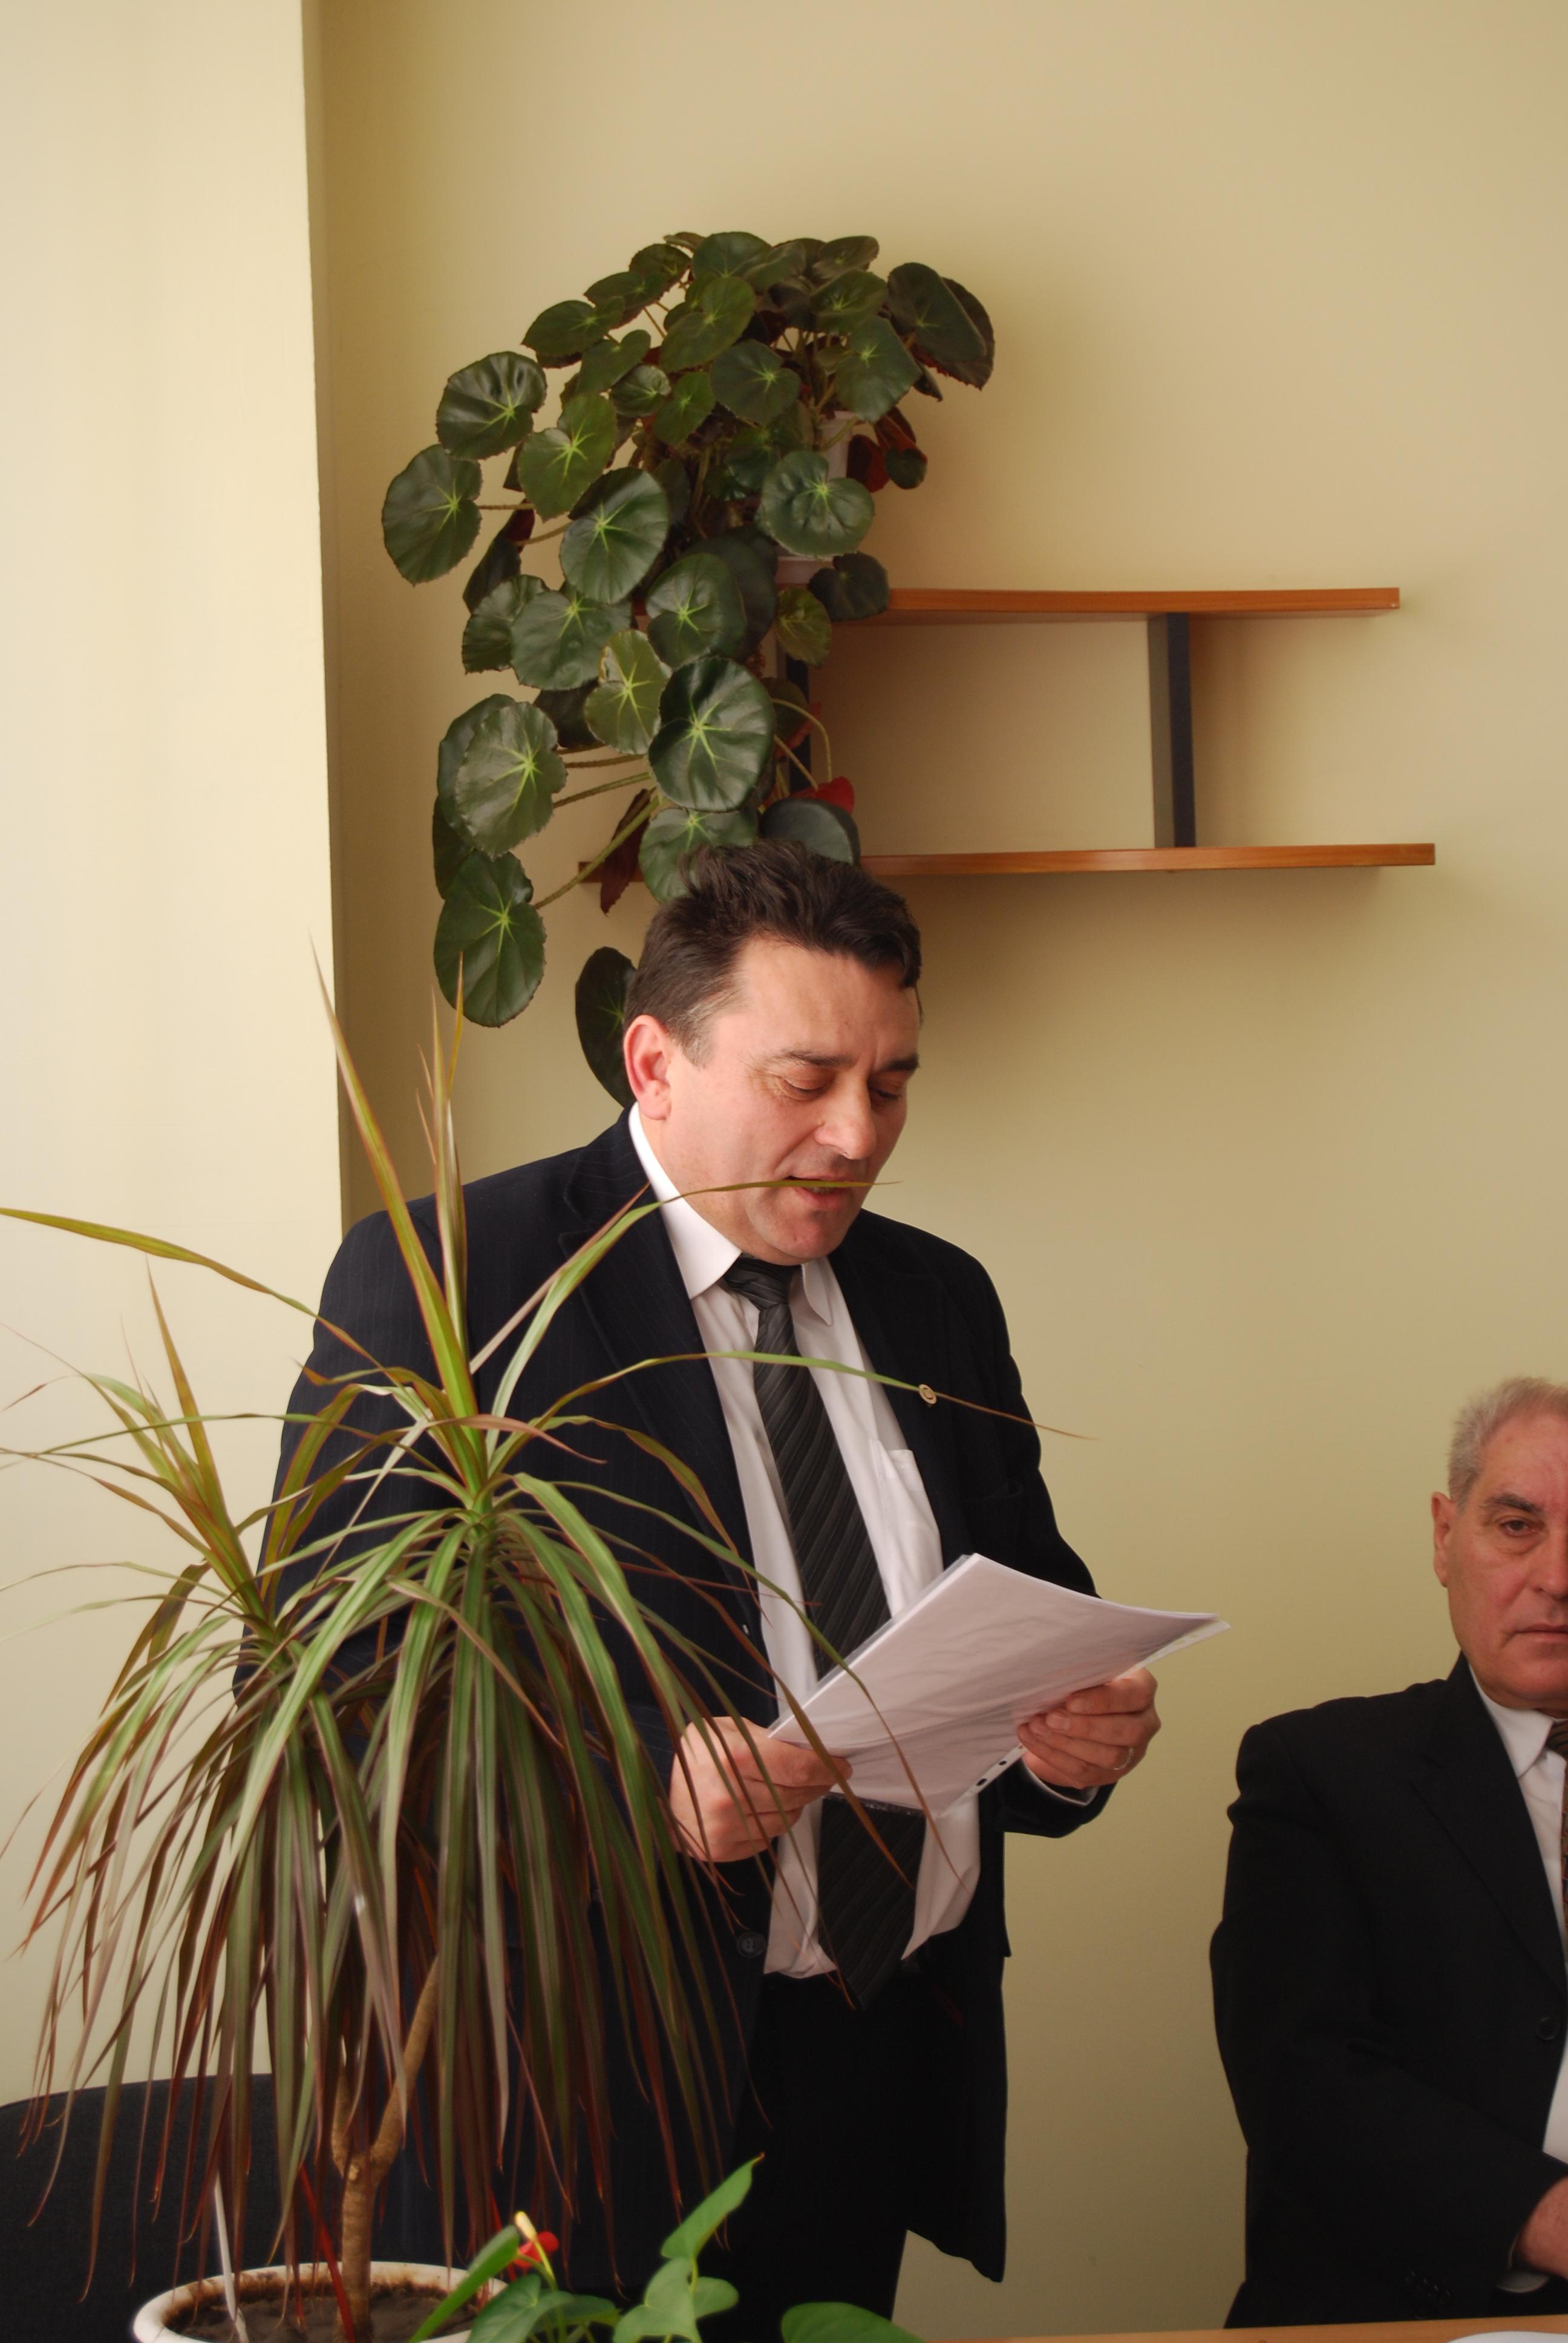 Uniunea Nationala a Barourilor din Bucuresti, cu presedinte Vasile Botomei, sustine recunoasterea ca avocati de drept a mediatorilor cu studii juridice